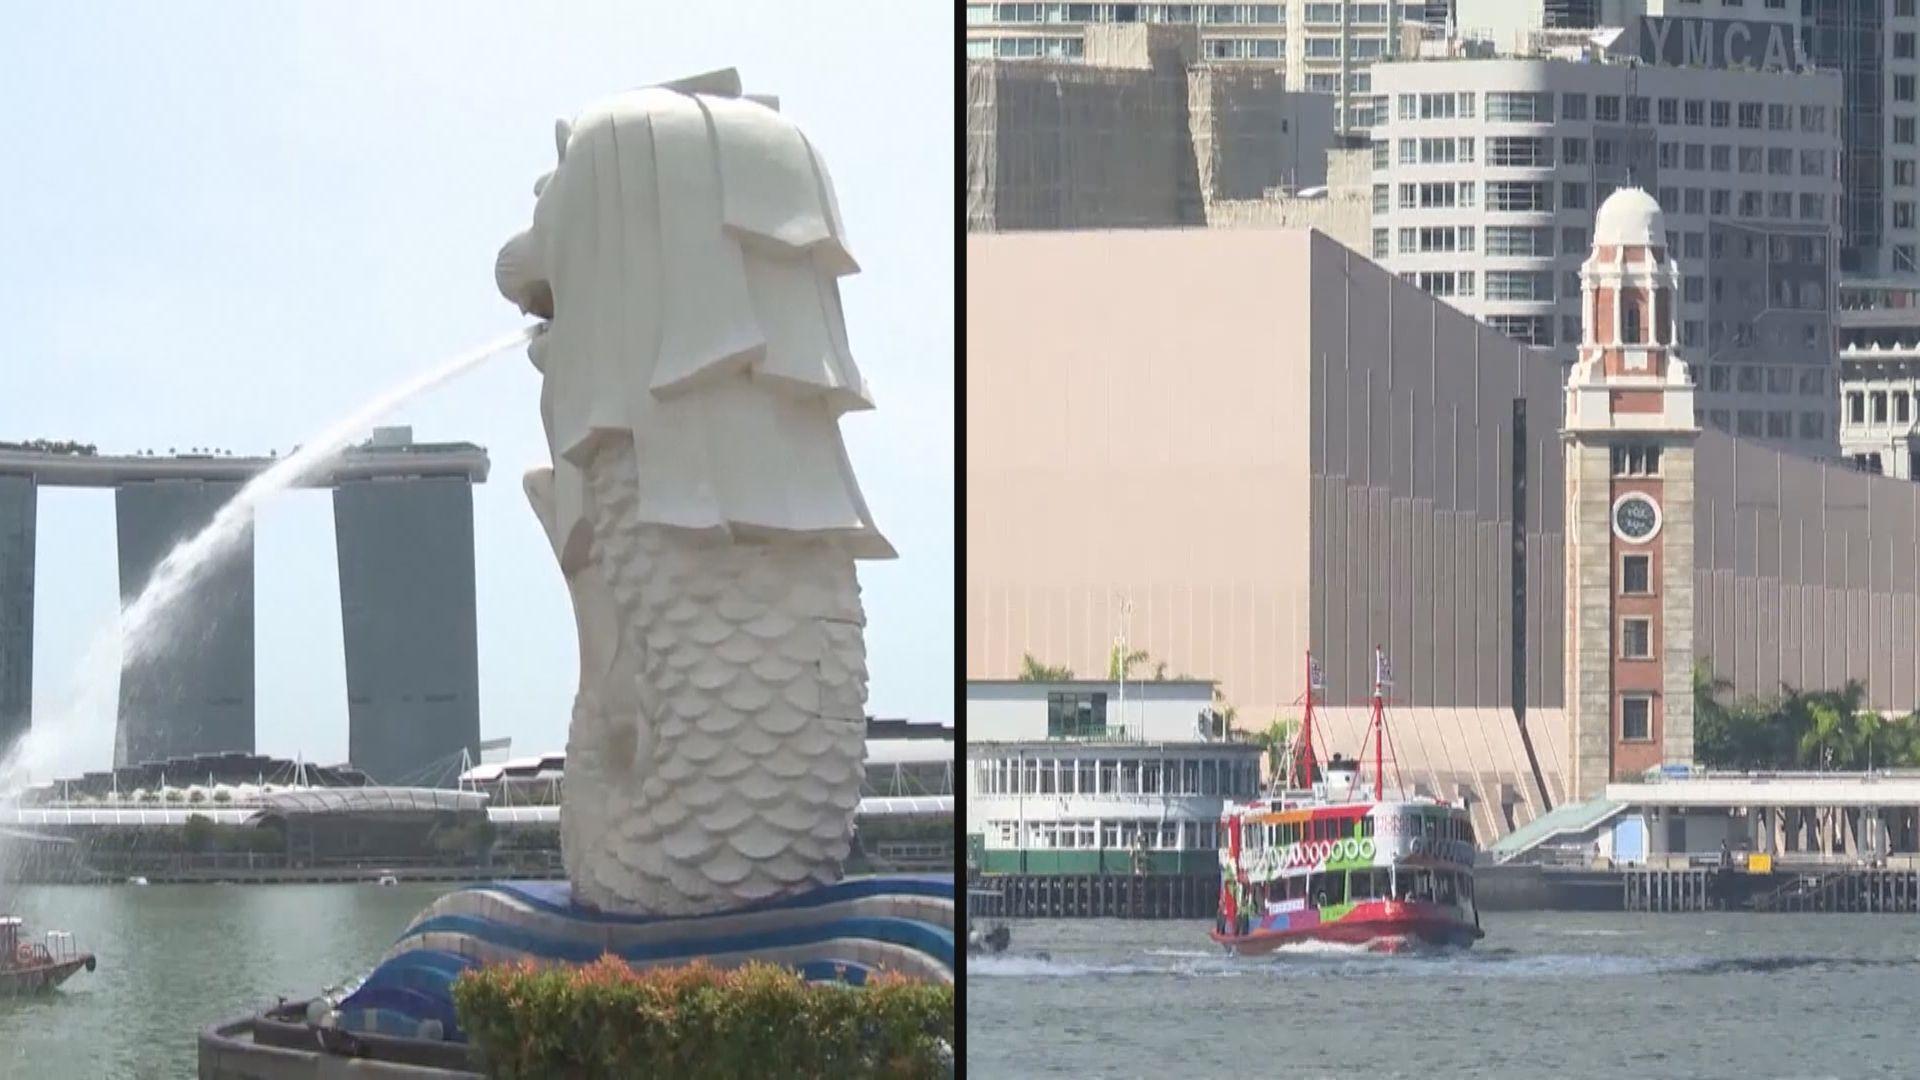 原定周日啟動的星港旅遊氣泡延遲兩周 港府盼減影響